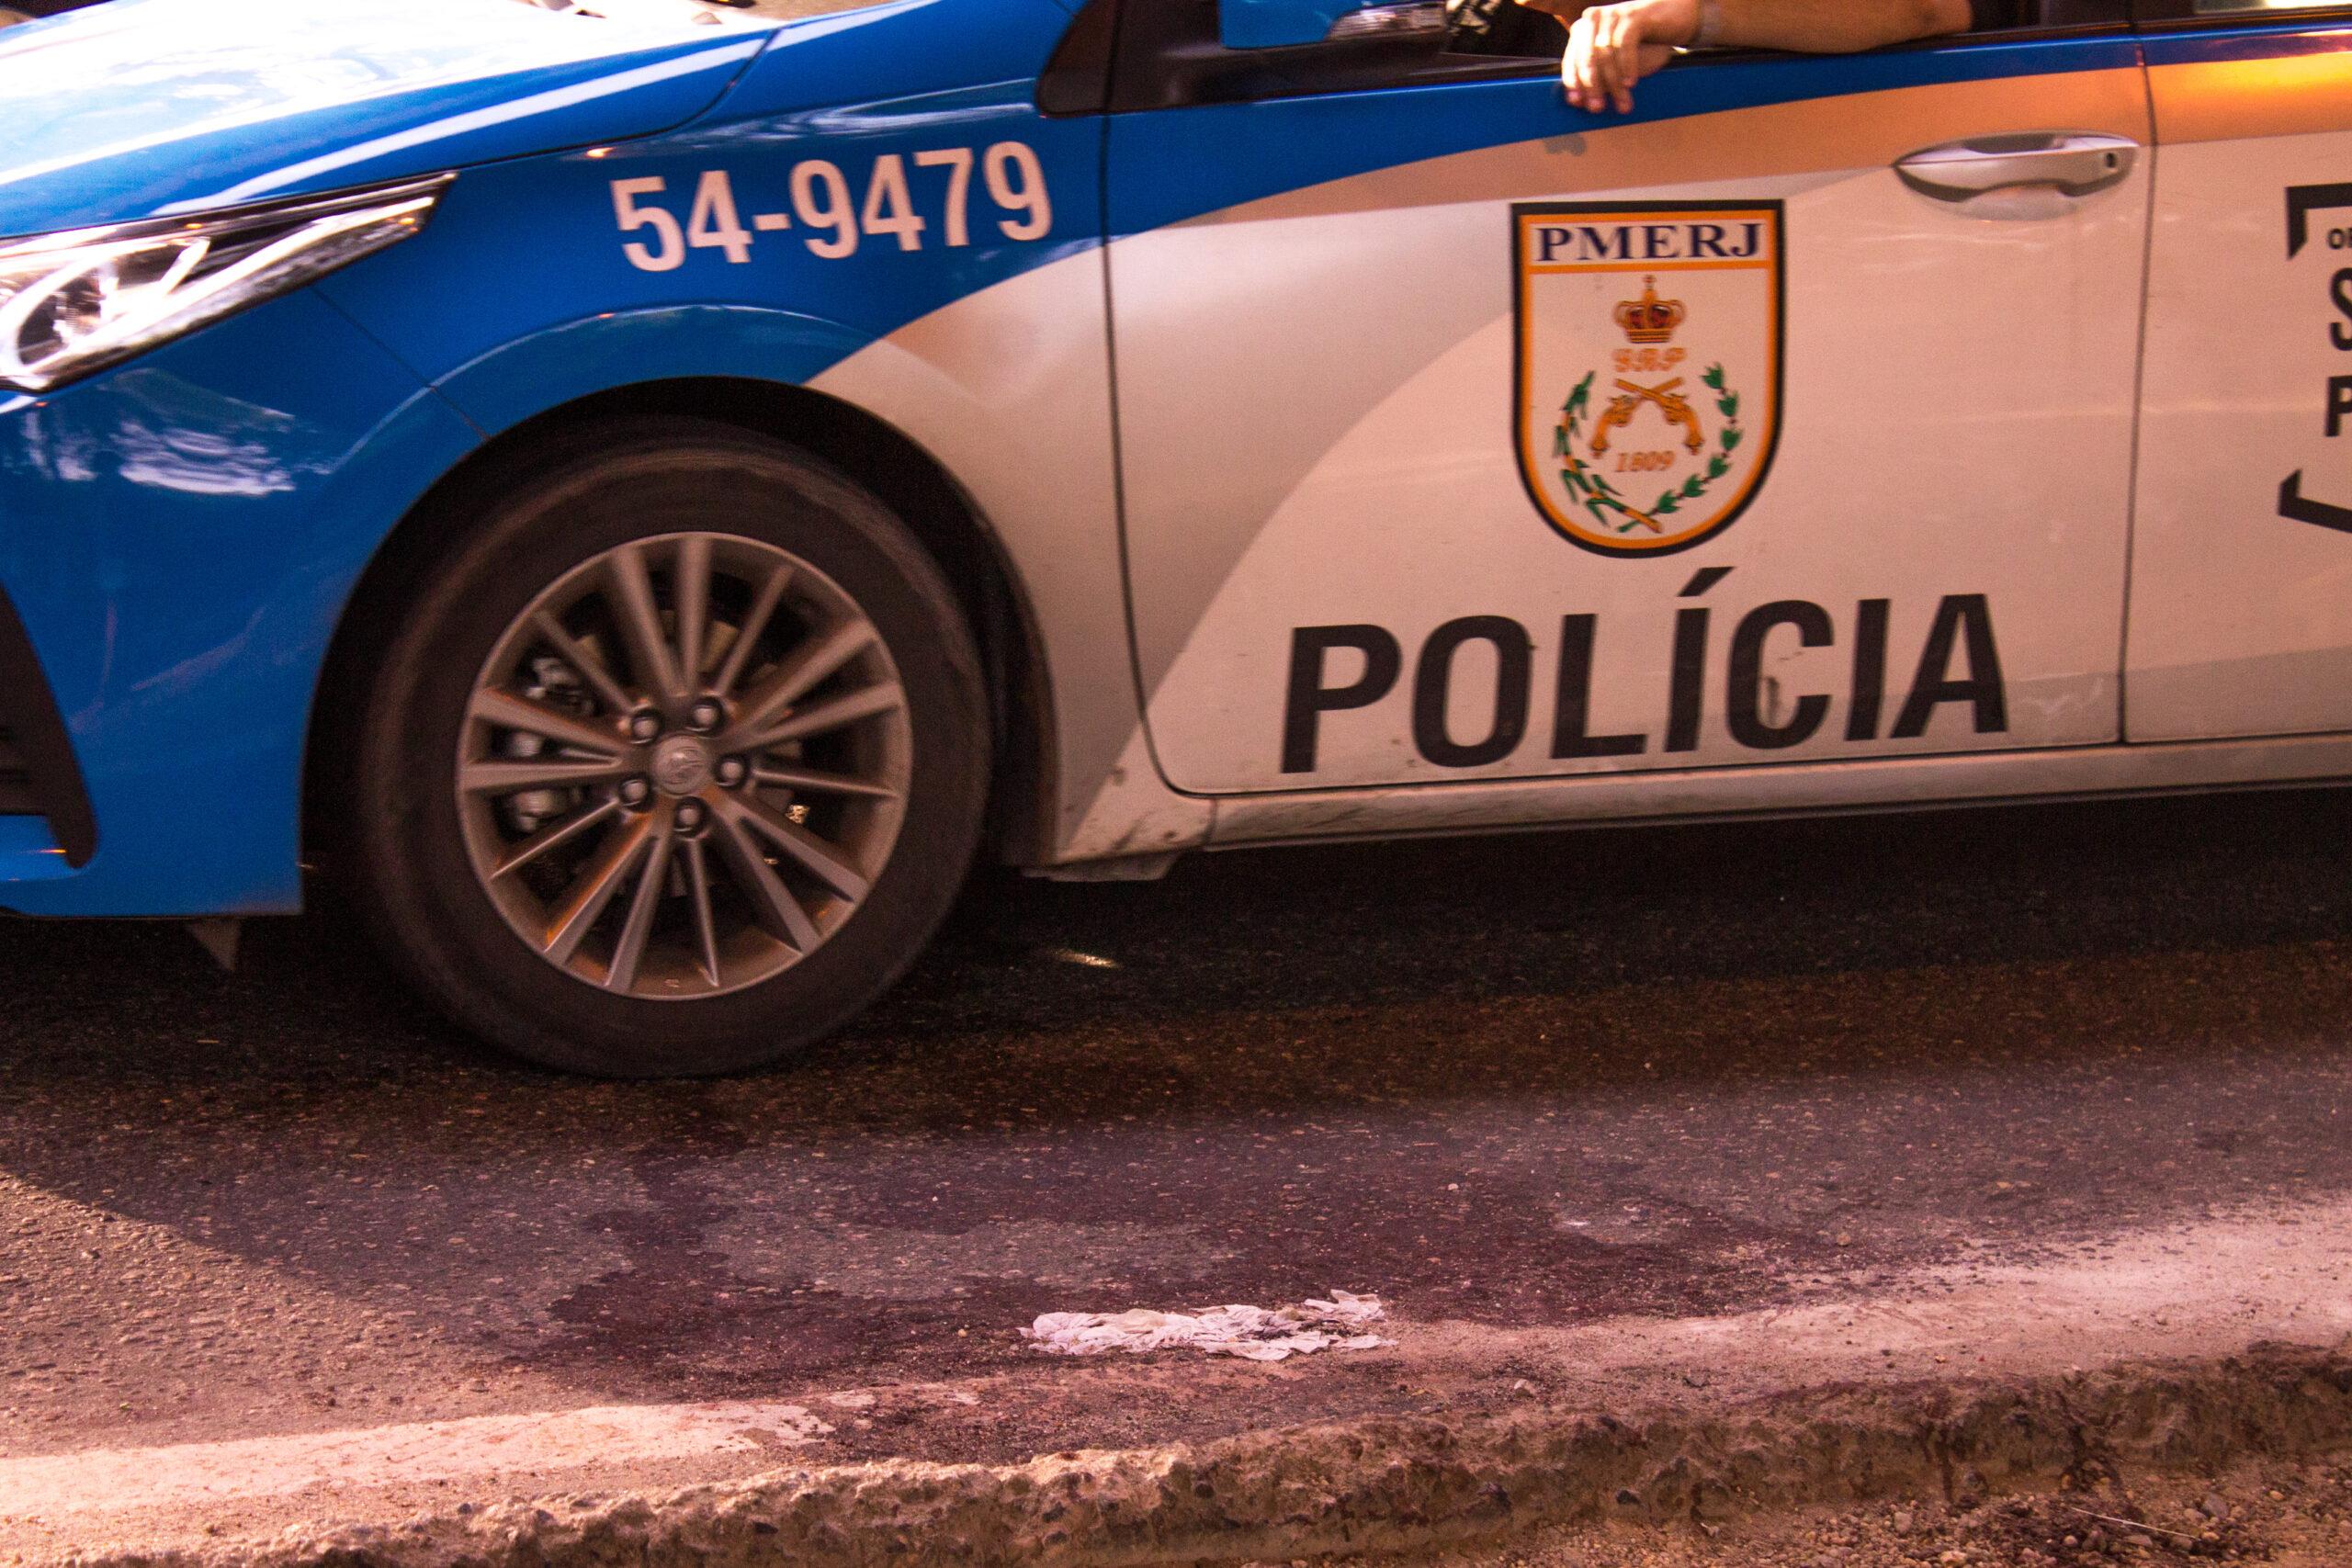 Cidade de Deus amanhece com operação policial em dia que comunidade completa 55 anos